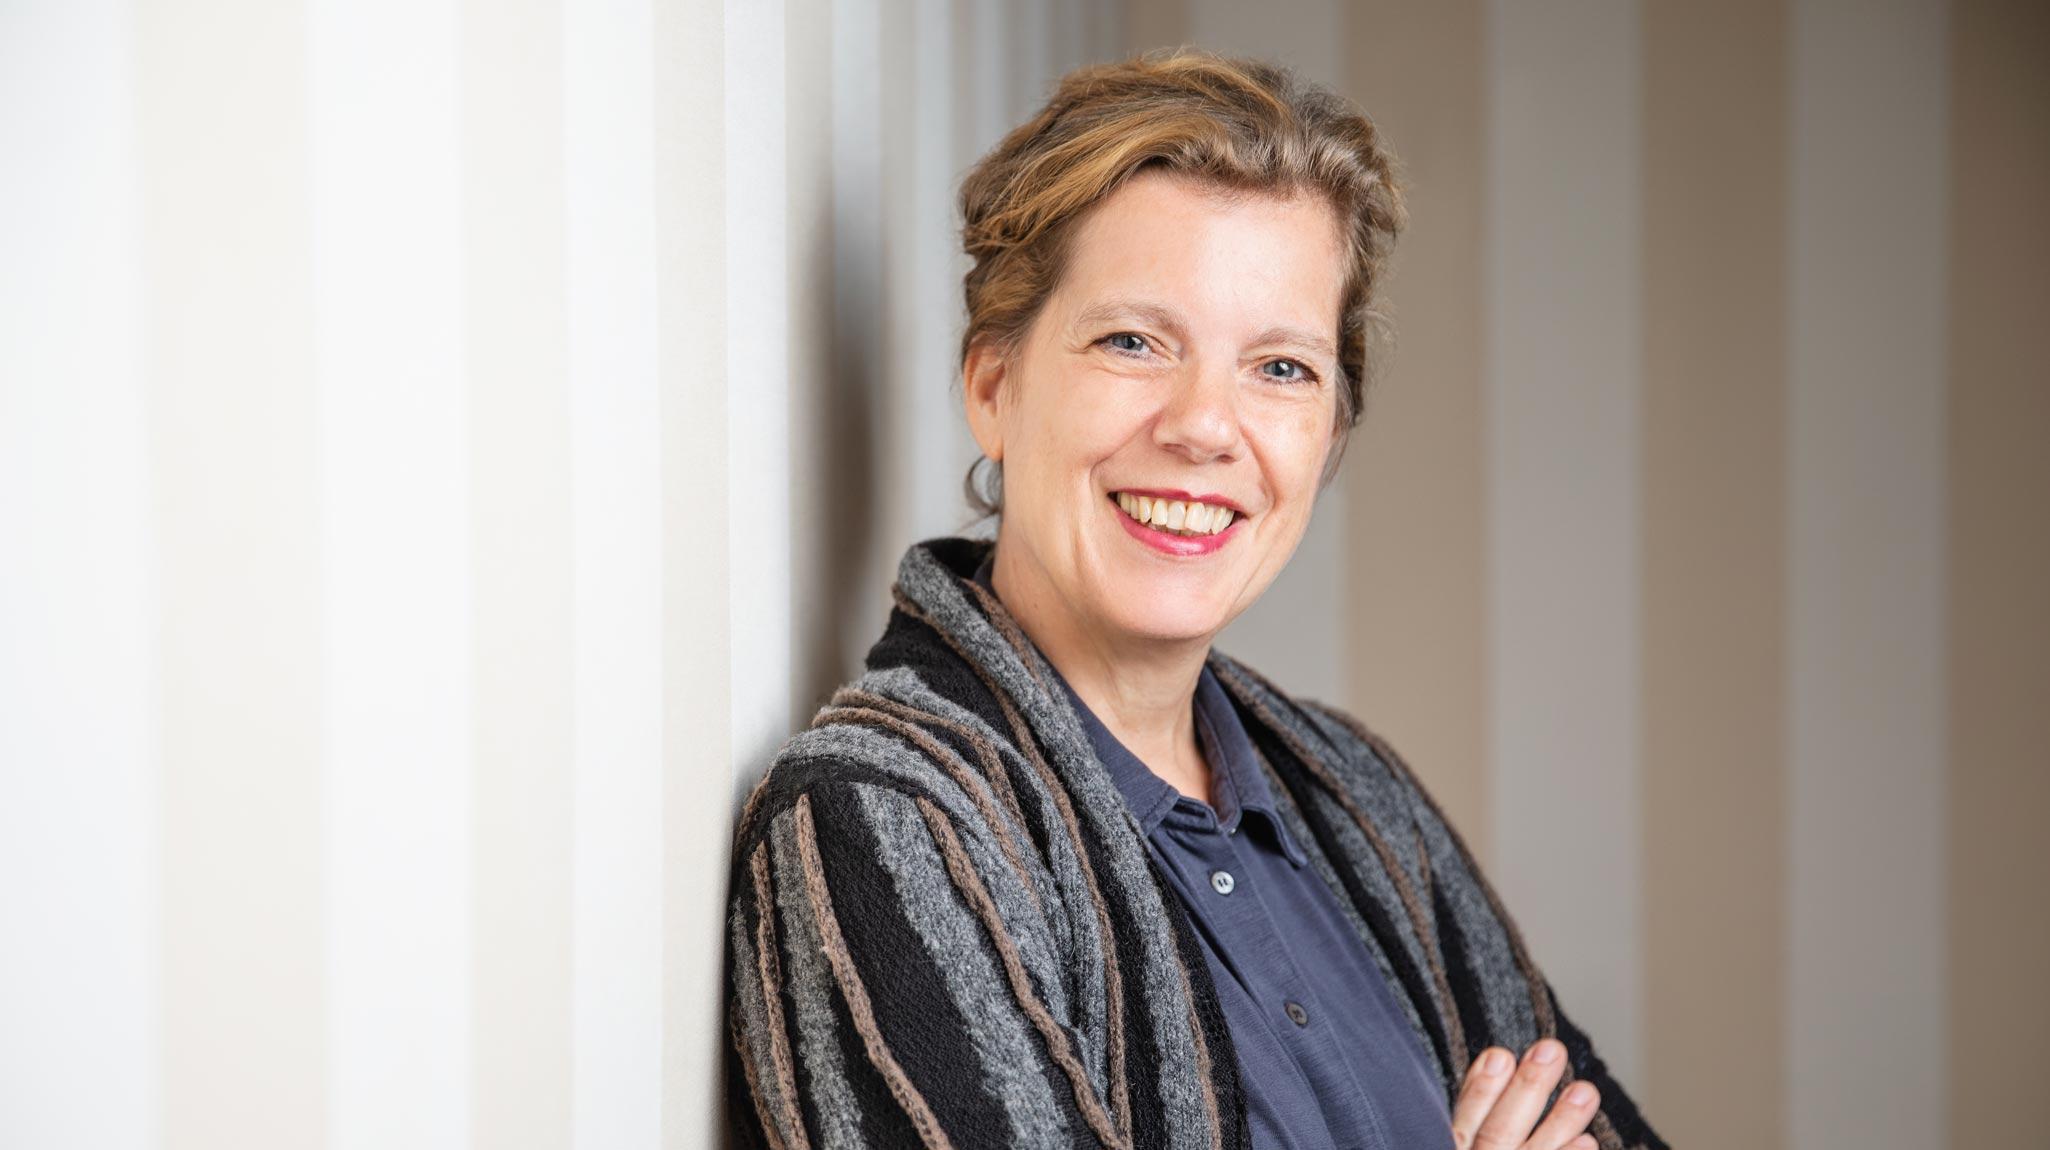 Die Gründerin Ilka Häderle von der Firma Leicht und Einfach lehnt an einer gestreift tapezierten Wand und blickt über ihre Schulter in die Kamera. Die Frau mittleren Alters lächelt offen, sie hat blonde kurze Haare und trägt eine gestreifte Strickjacke sowie eine blaue Bluse.